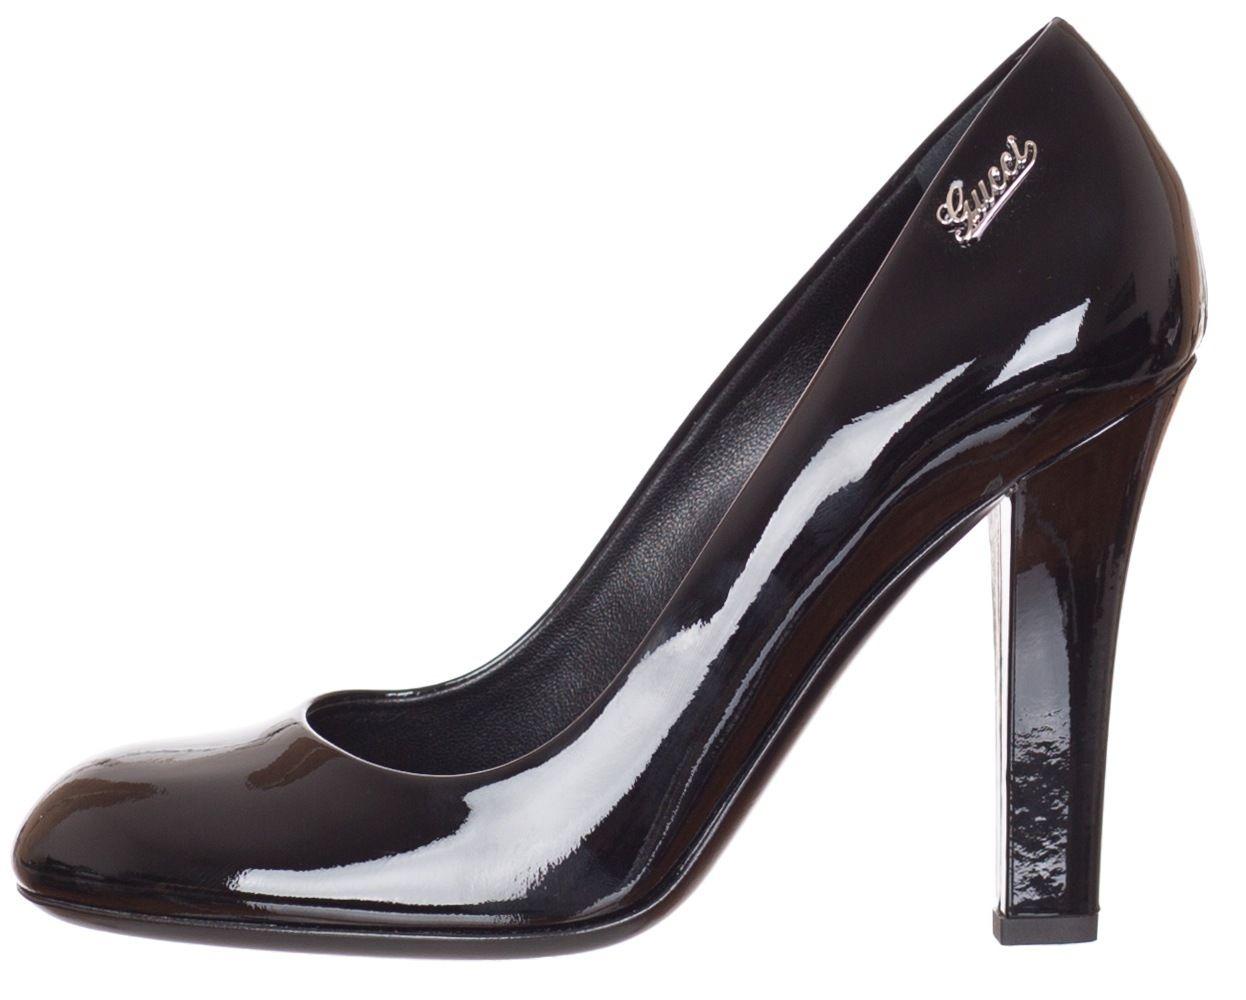 759e7e05dc Gucci Black Patent Leather Script Logo Heels Shoes US 5.5 7 7.5 8 9.5 11